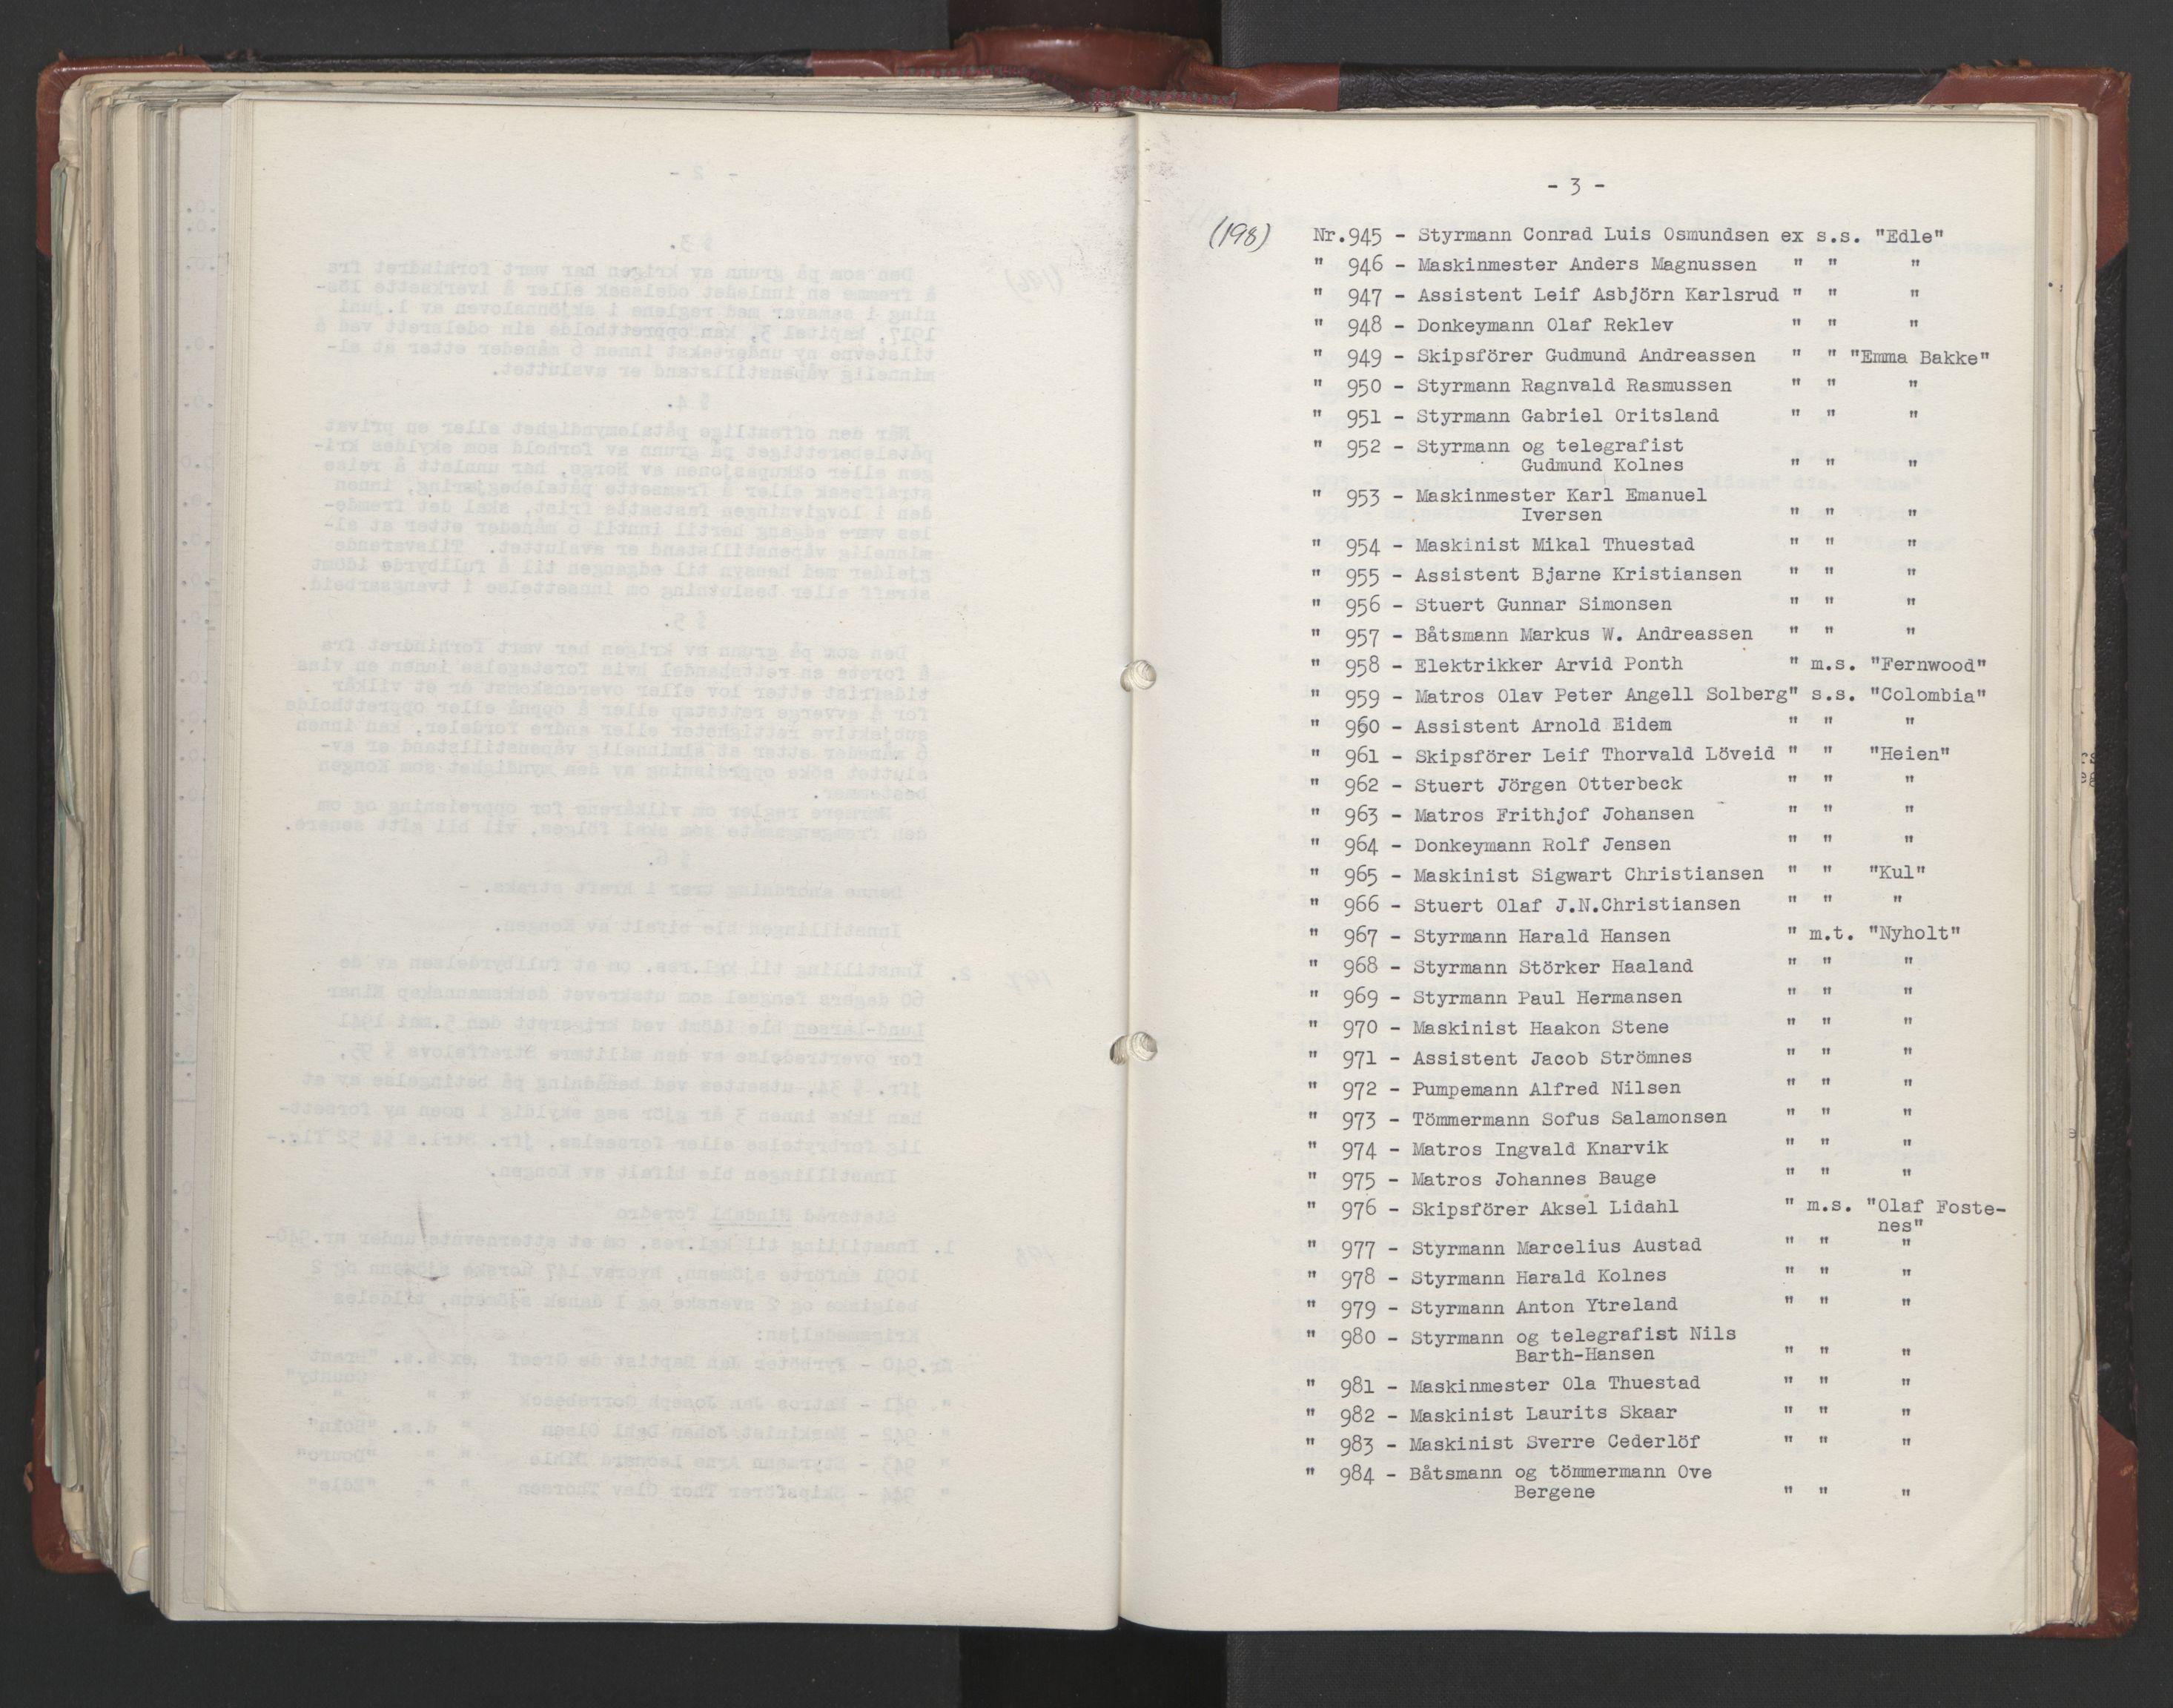 RA, Statsrådssekretariatet, A/Ac/L0122: Kgl. res. (9/4) 17/4 1940 - 18/12 1942, 1940-1942, s. 343